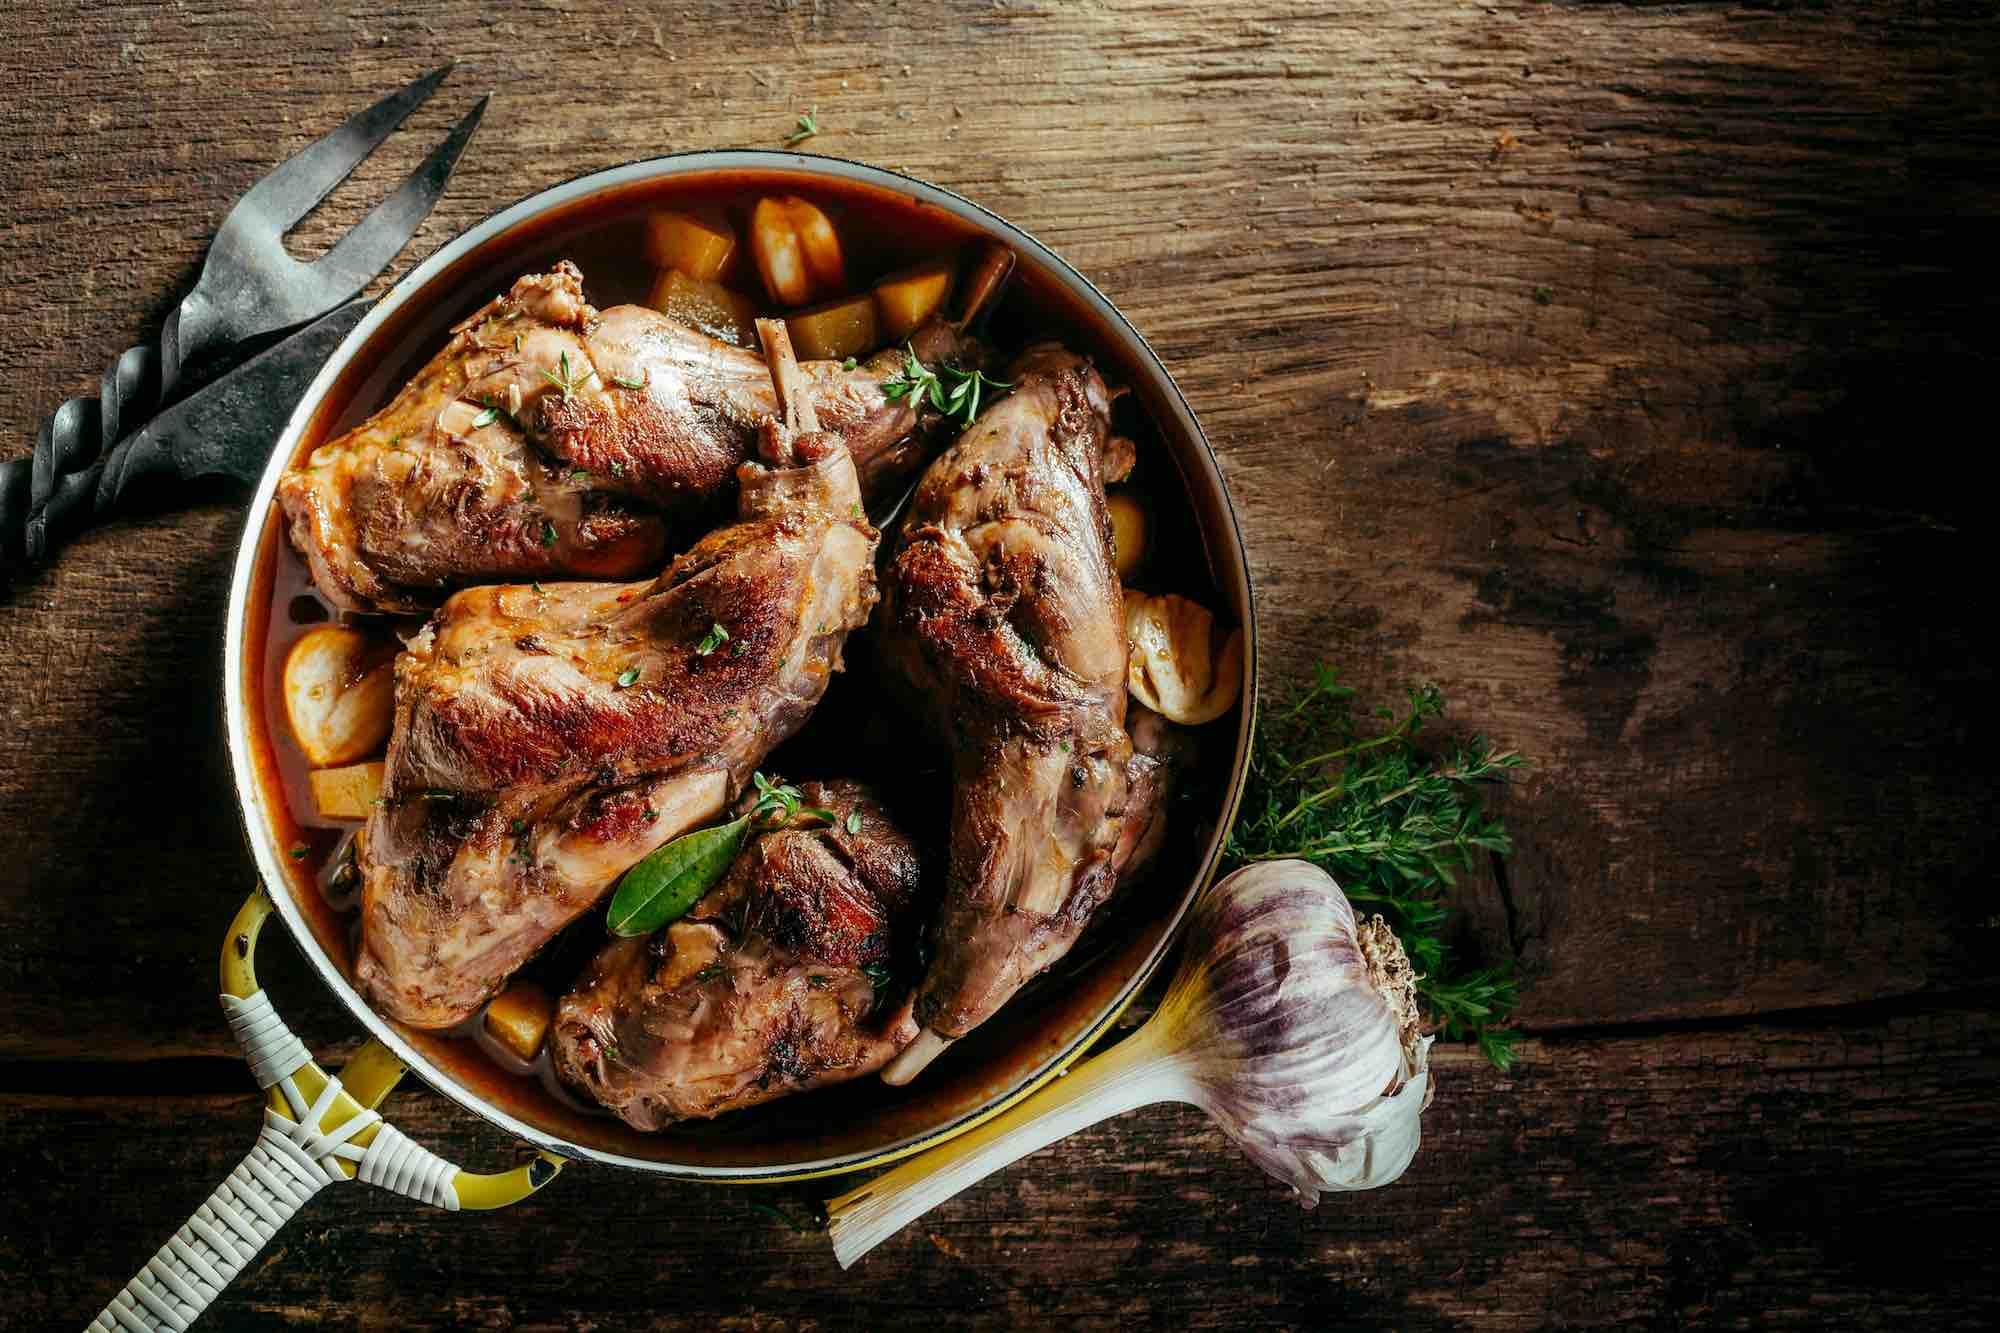 Ricetta toscana: coniglio arrosto morto cotto in padella